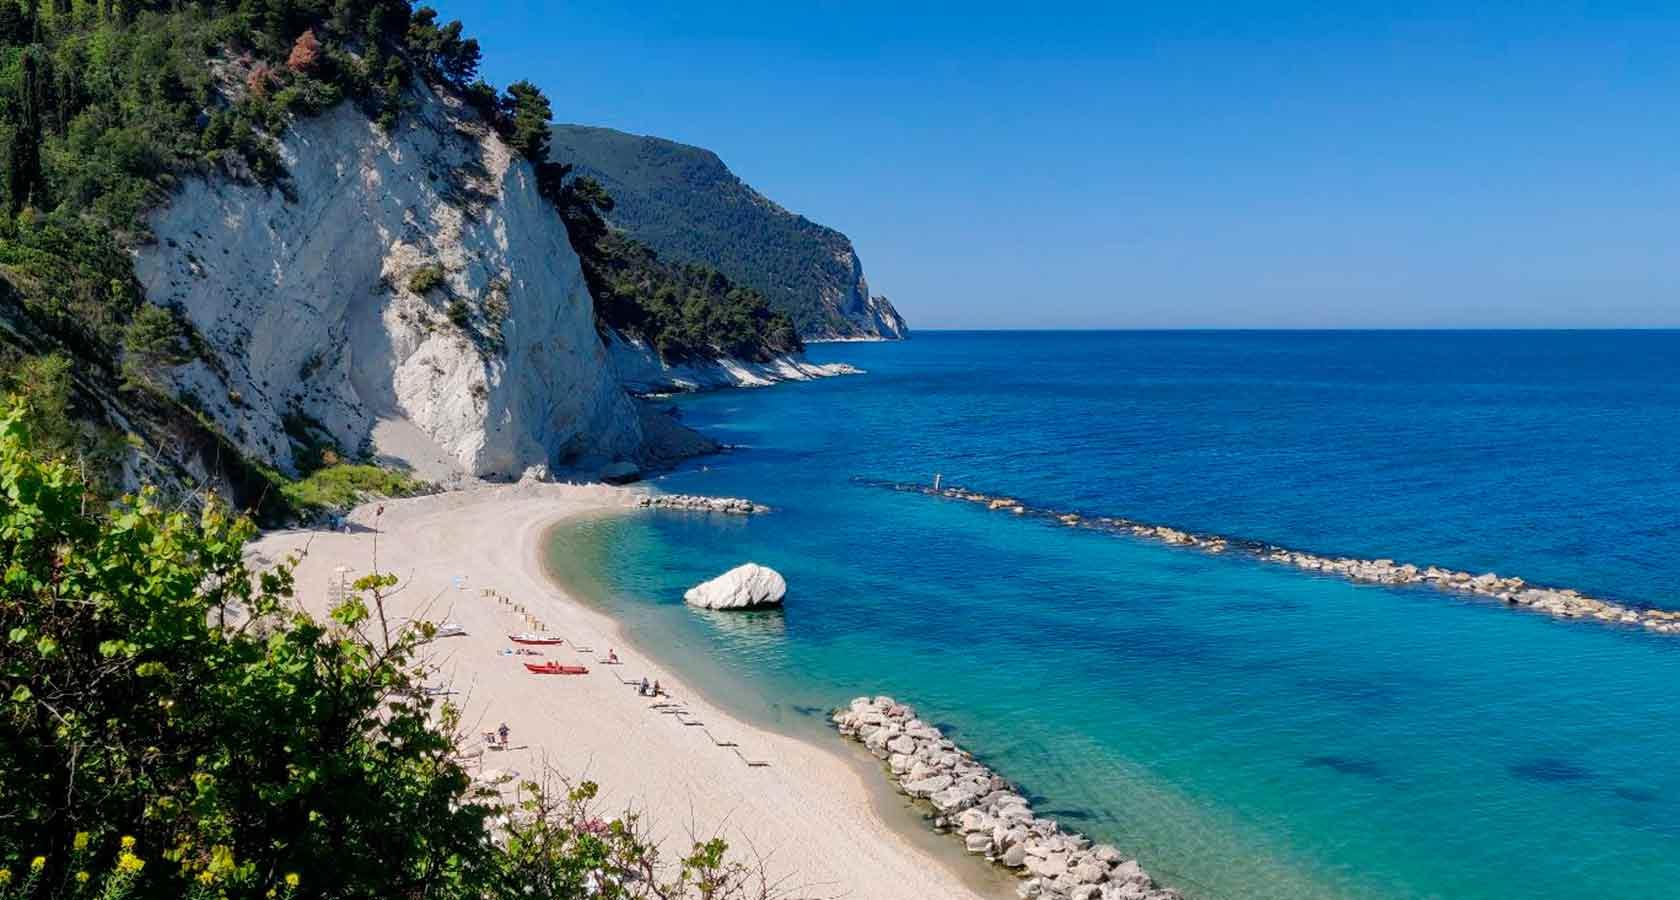 spiaggia-del-frate-conero-sirolo-numana-ancona